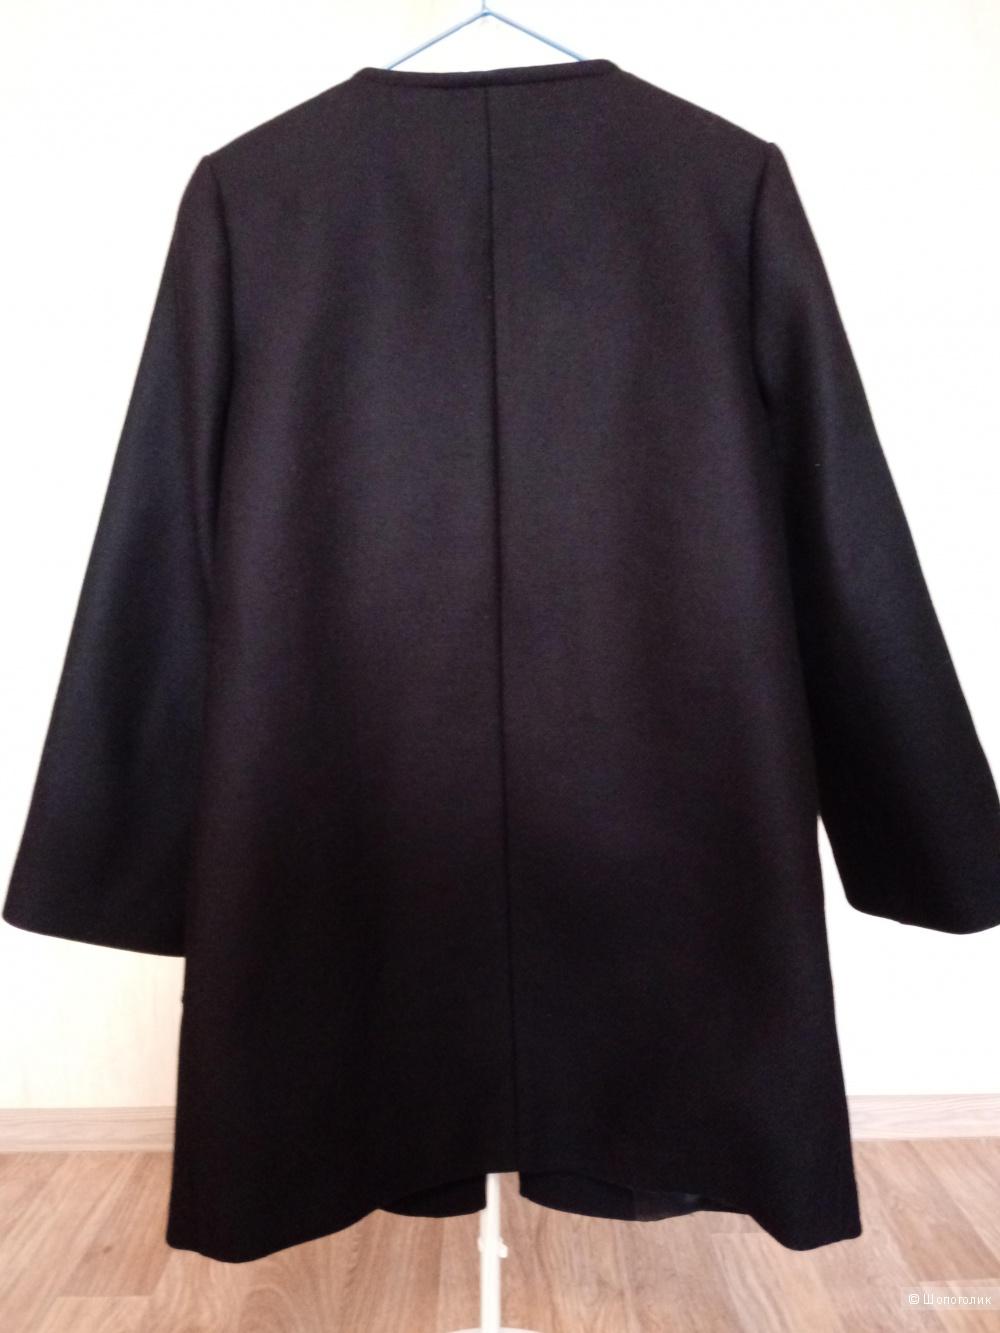 Пальто Zara Woman р. S